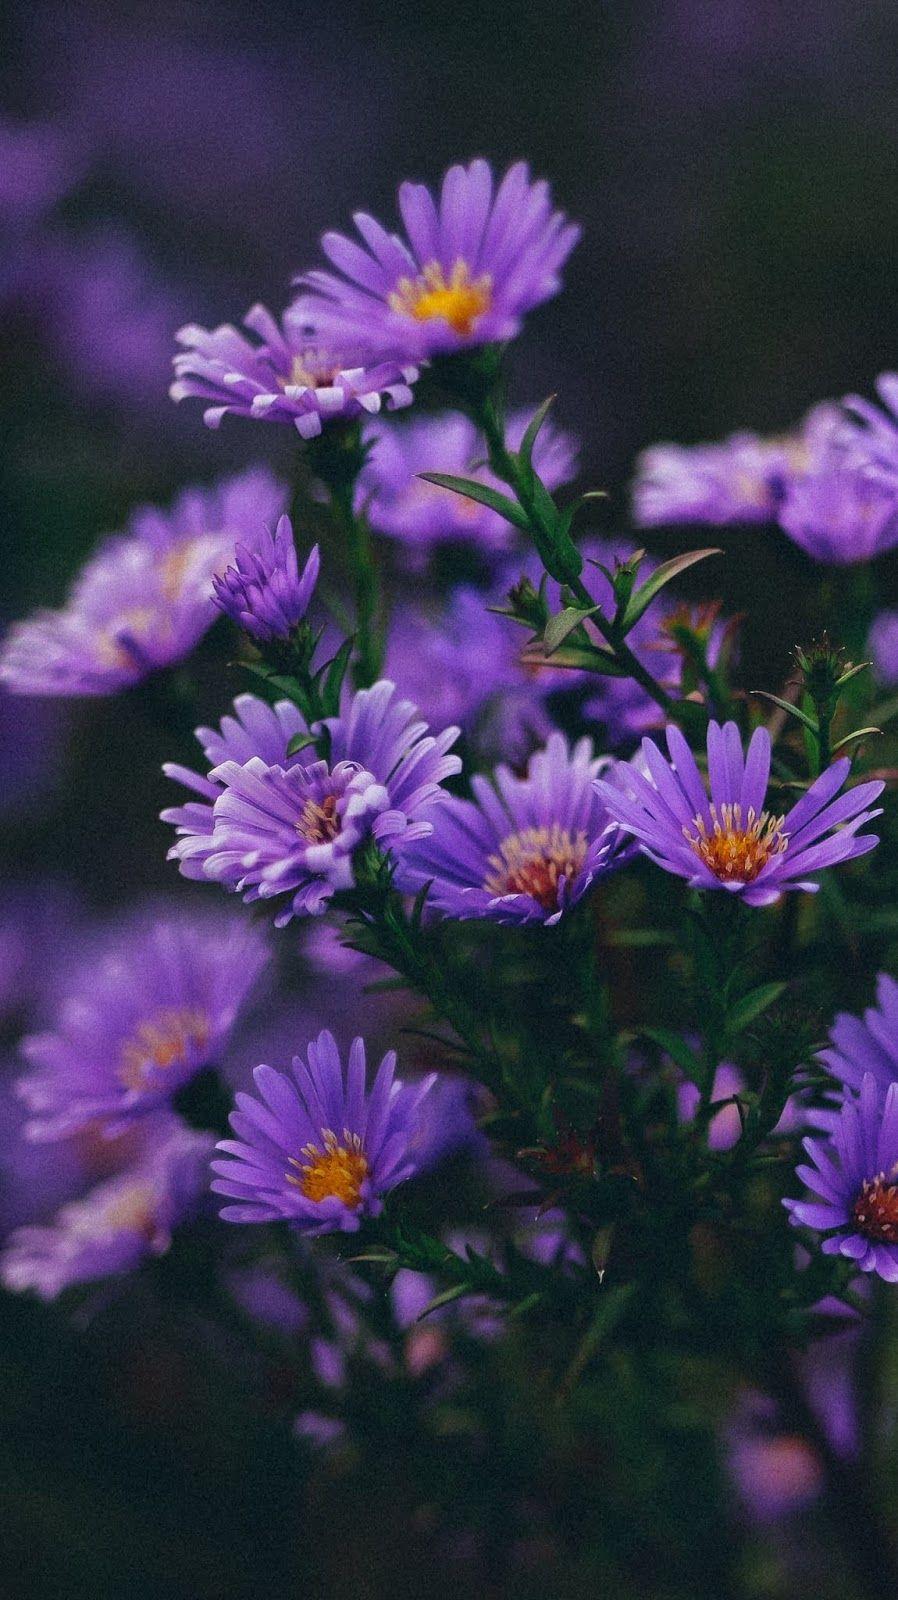 Purple Flower Blossom Purple Flowers Wallpaper Purple Wallpaper Phone Flower Phone Wallpaper